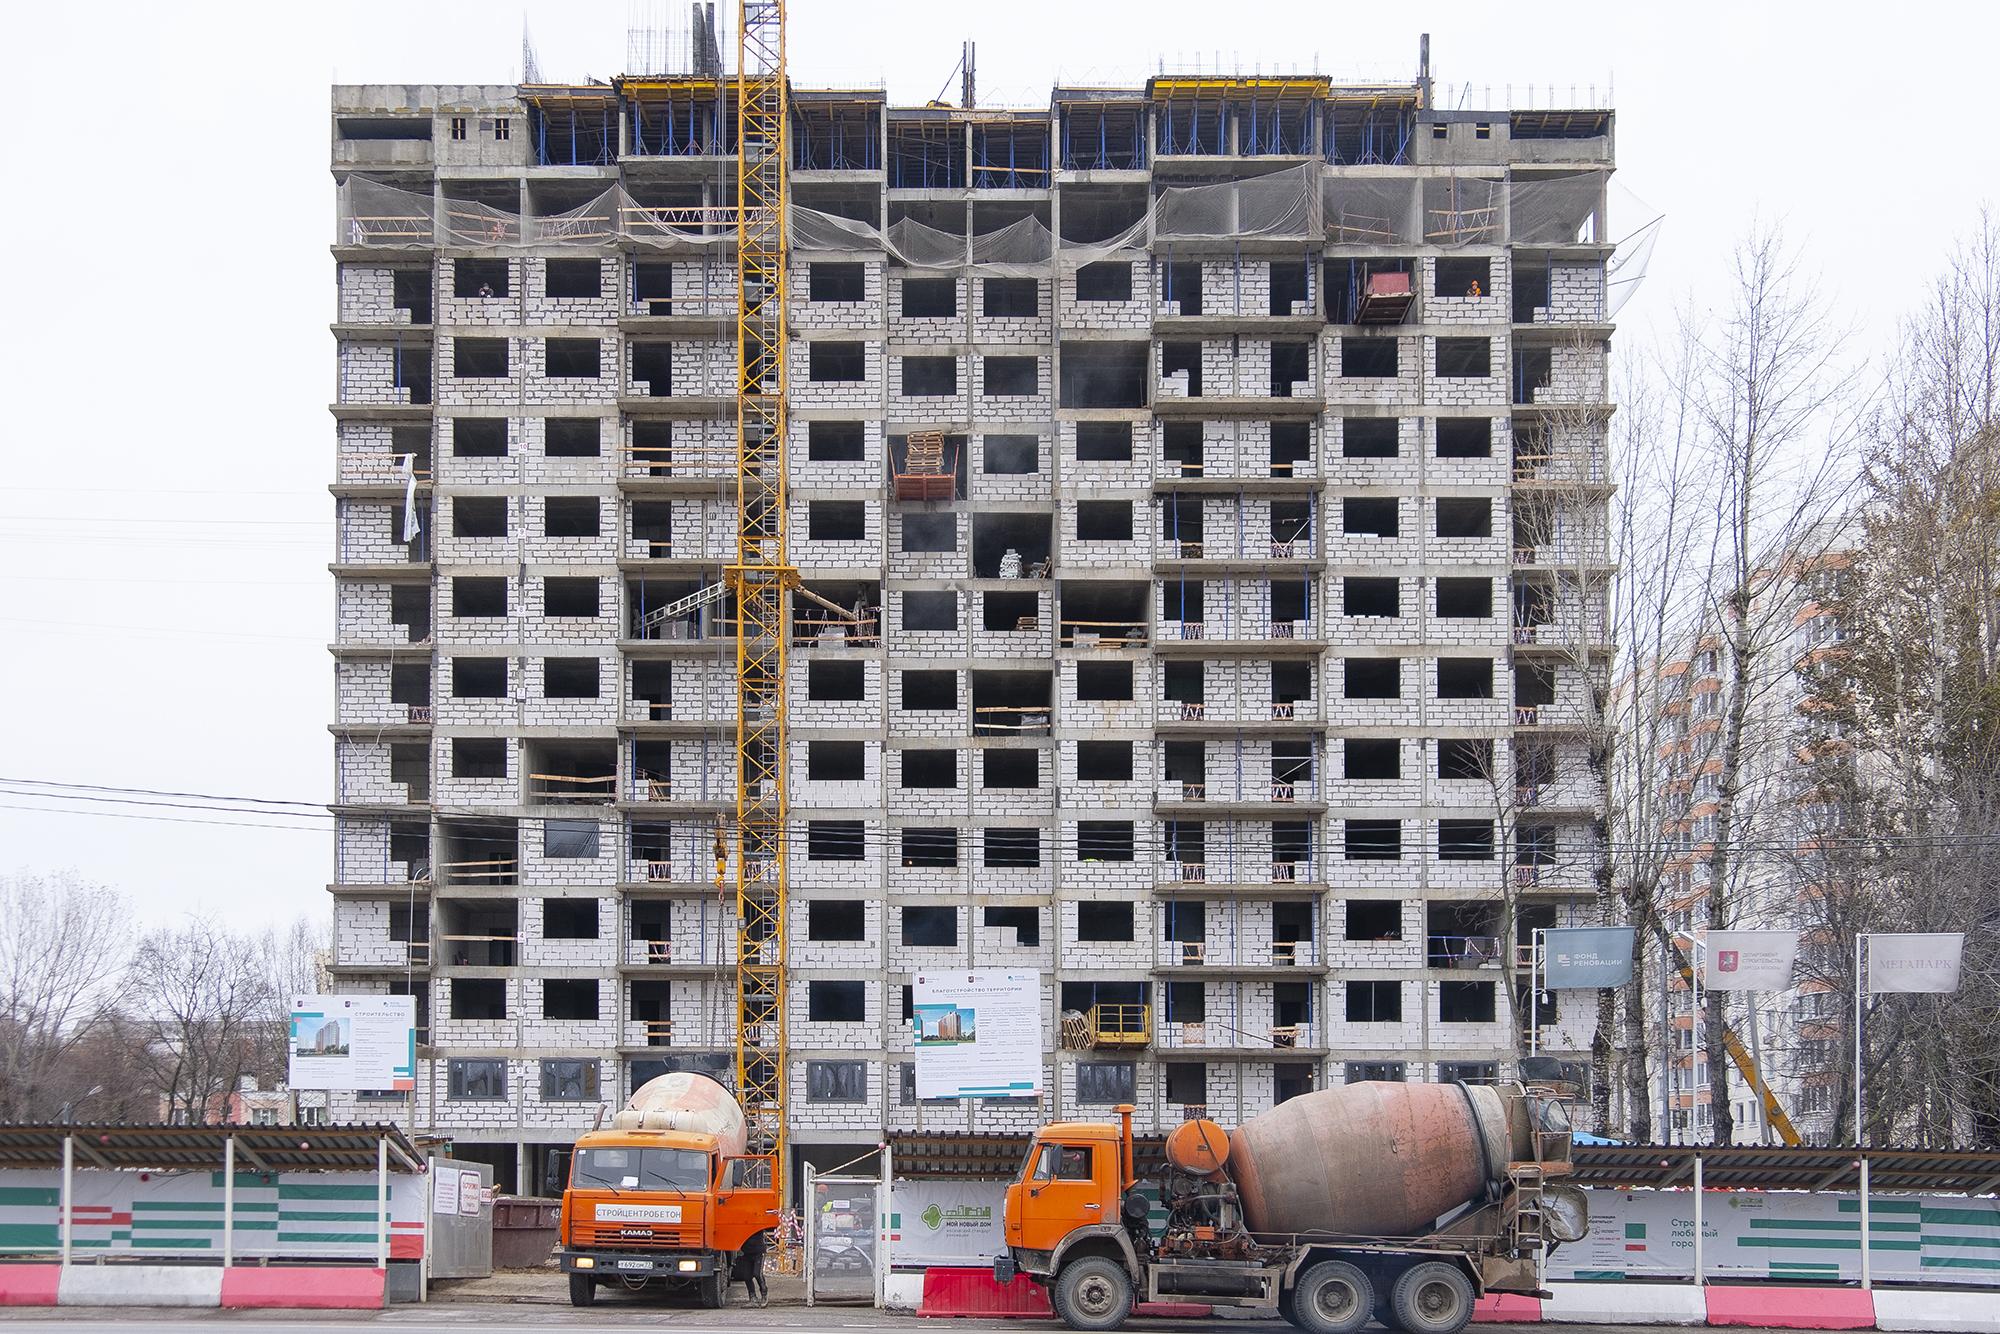 А что вы ждали от реновации? система, будут, реновации, стороны, комната, Санузел, такими, контроля, системой, запланировано, который, сейчас, населения, управления, можно, Будет, будет, квартиры, кухни, помещение